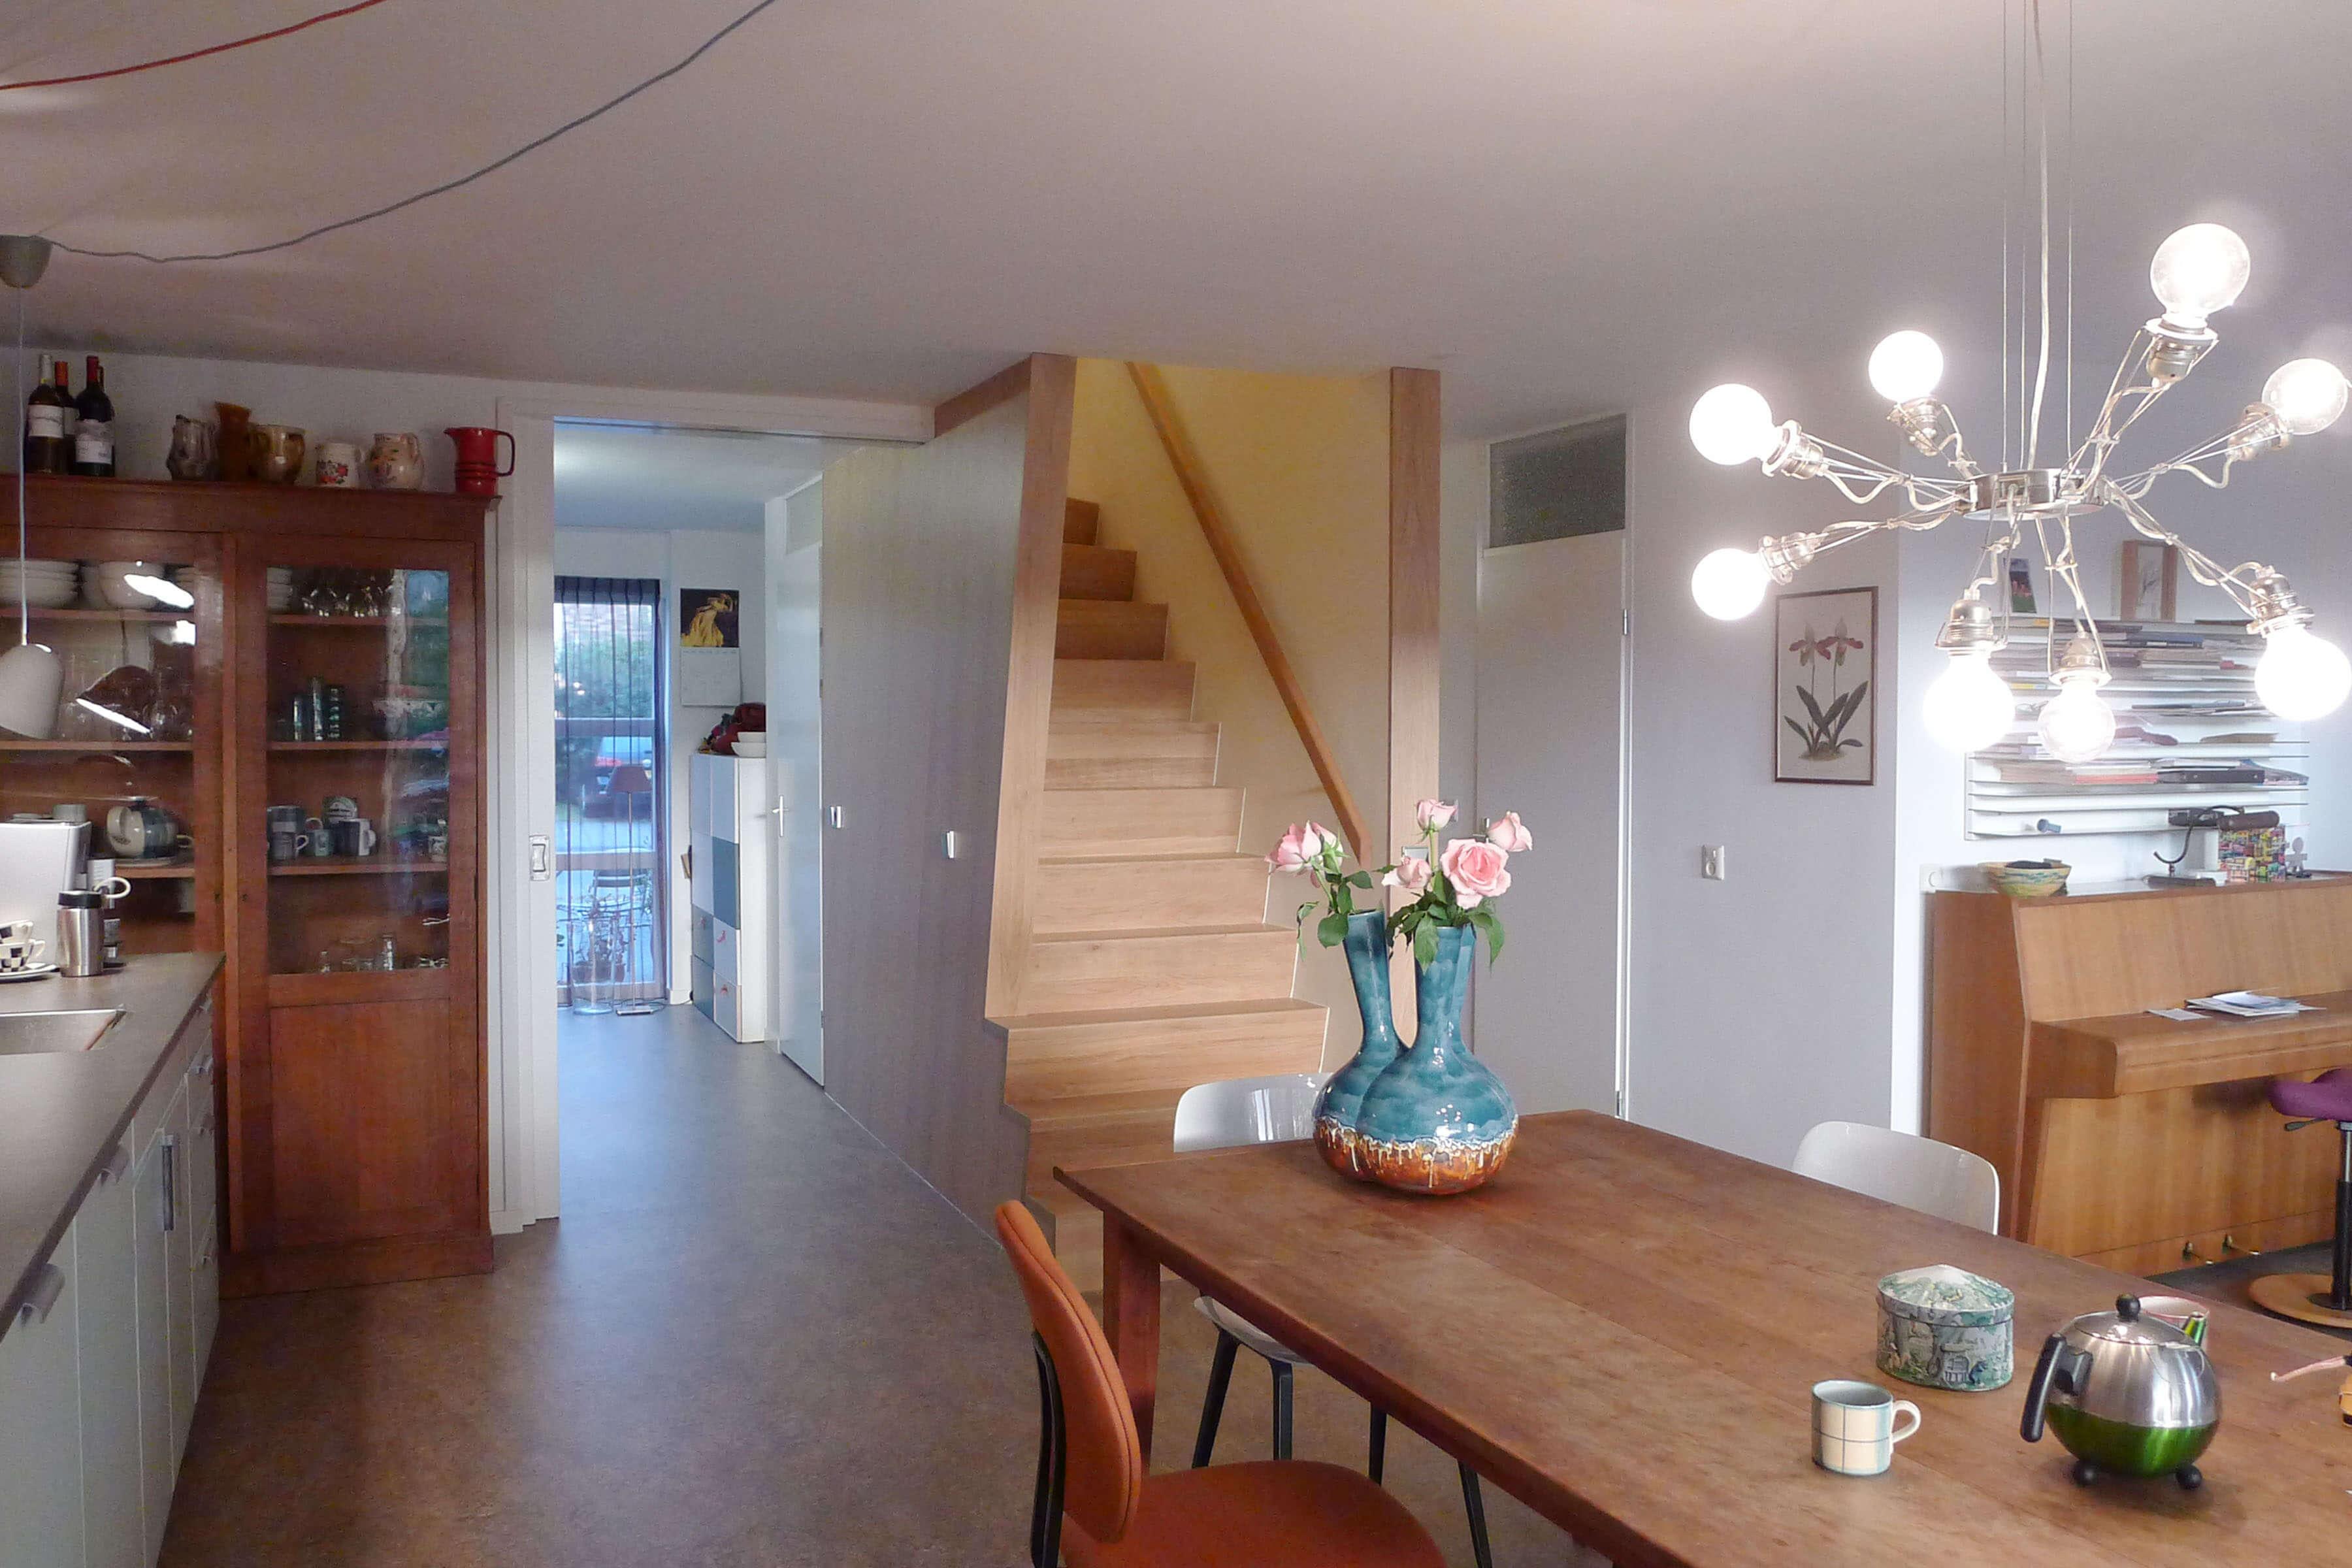 Design Keuken Groningen : Onix nl verbouwing stadswoning barkmolenstraat groningen keuken